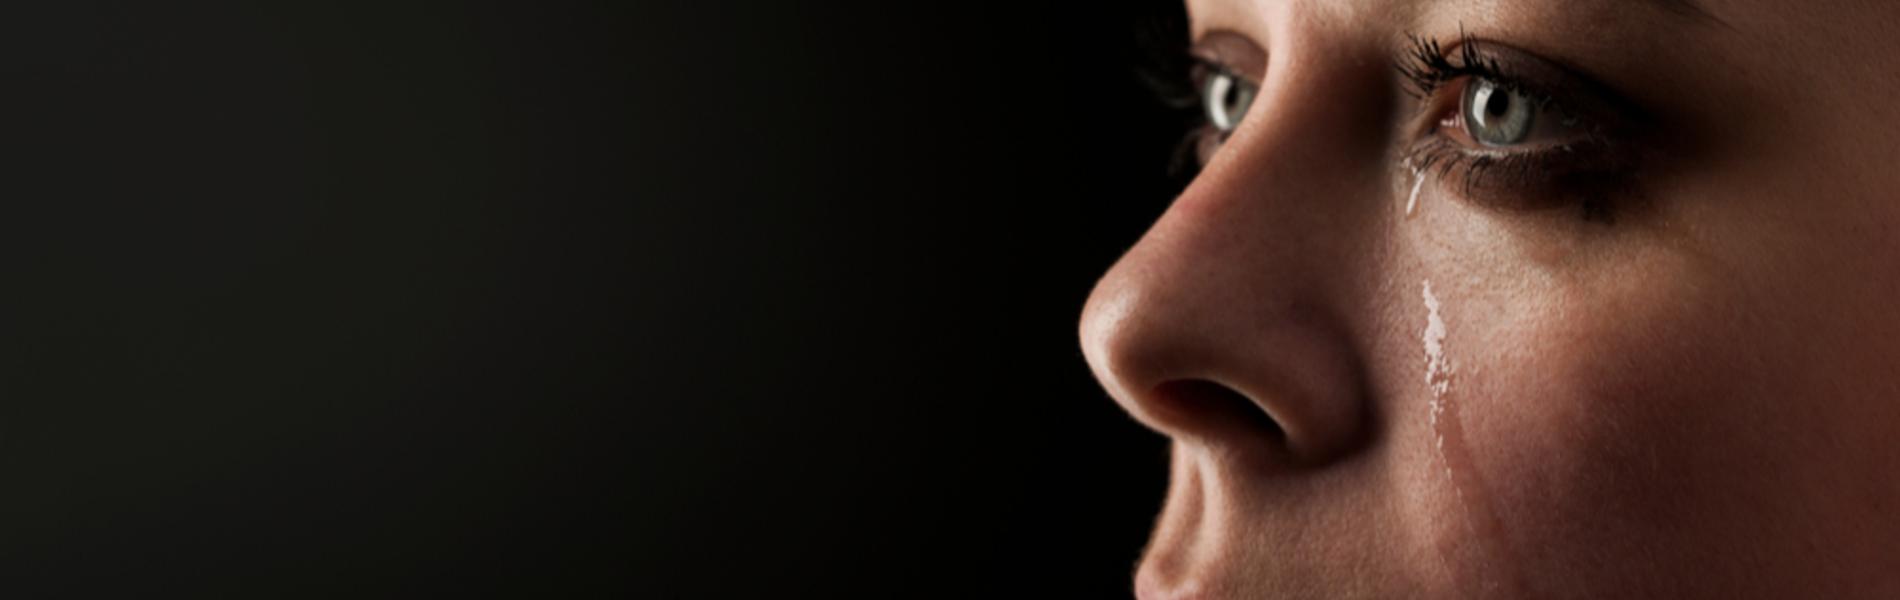 איך הגענו למצב שבו אחת מכל שלוש נשים בישראל תעבור פגיעה מינית?